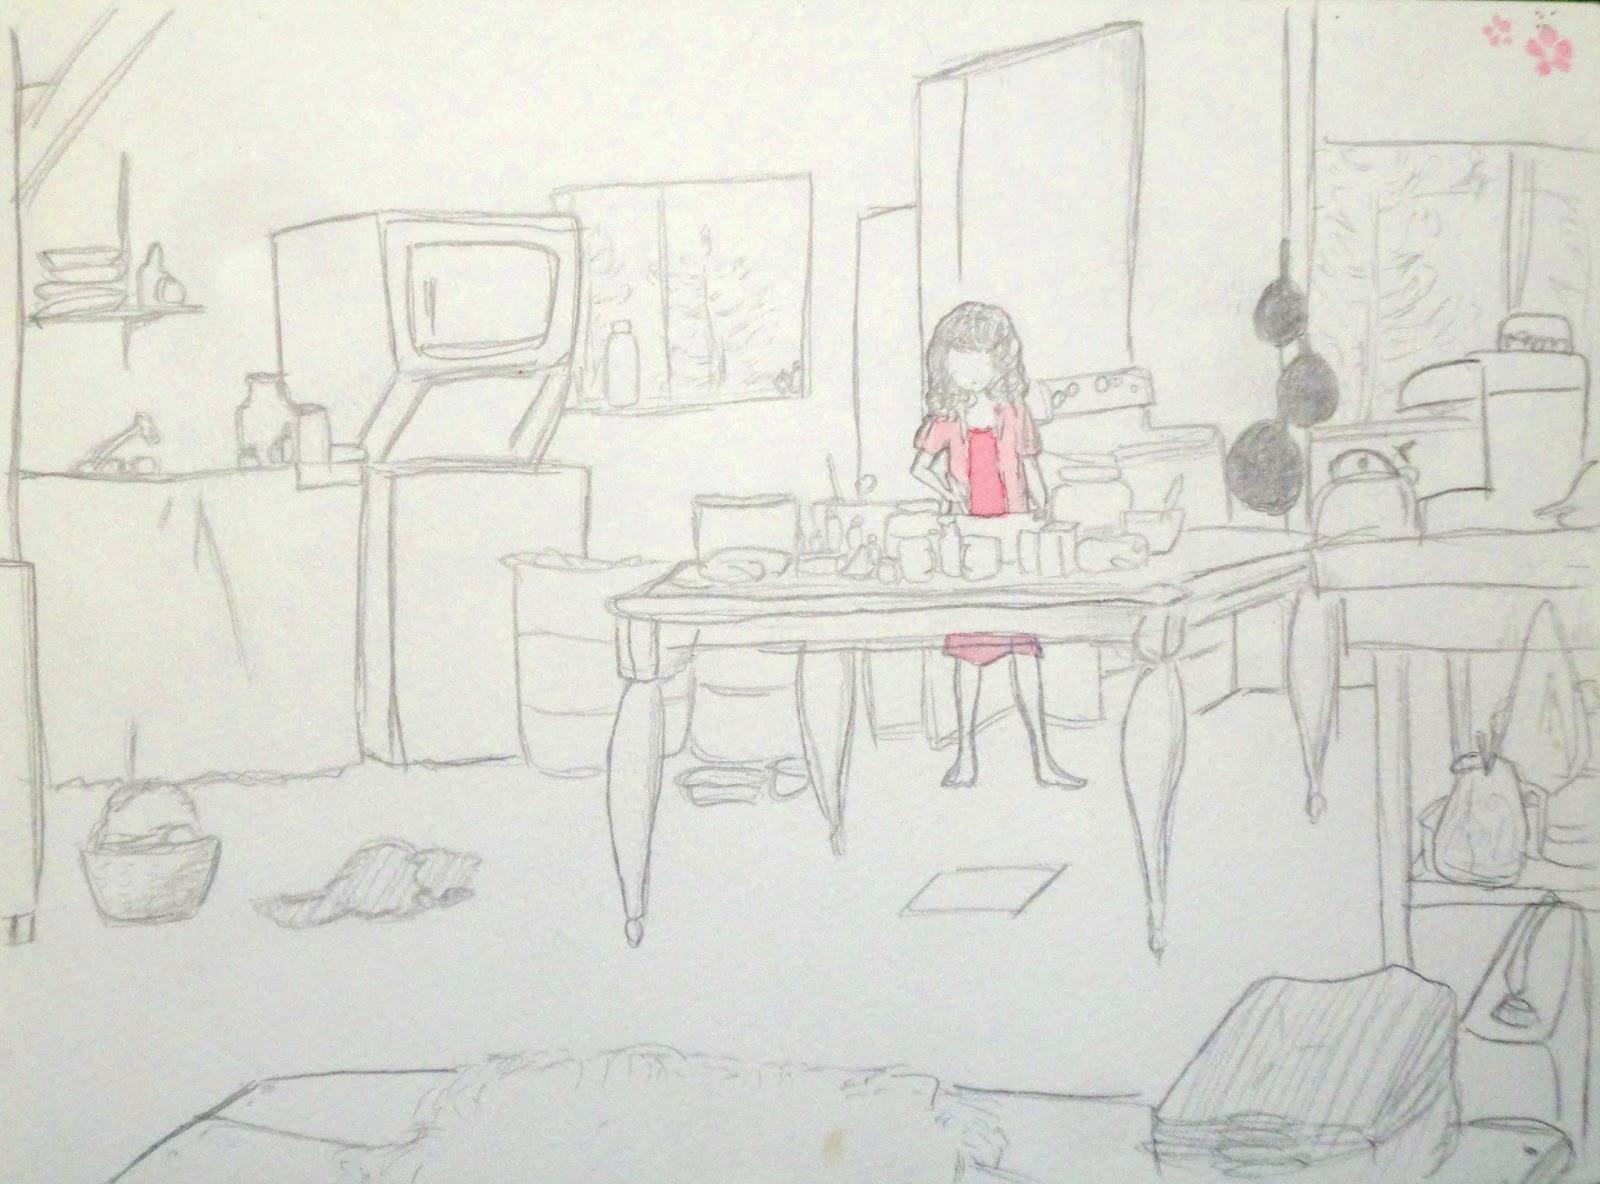 drawing by Natsumi Sasajima